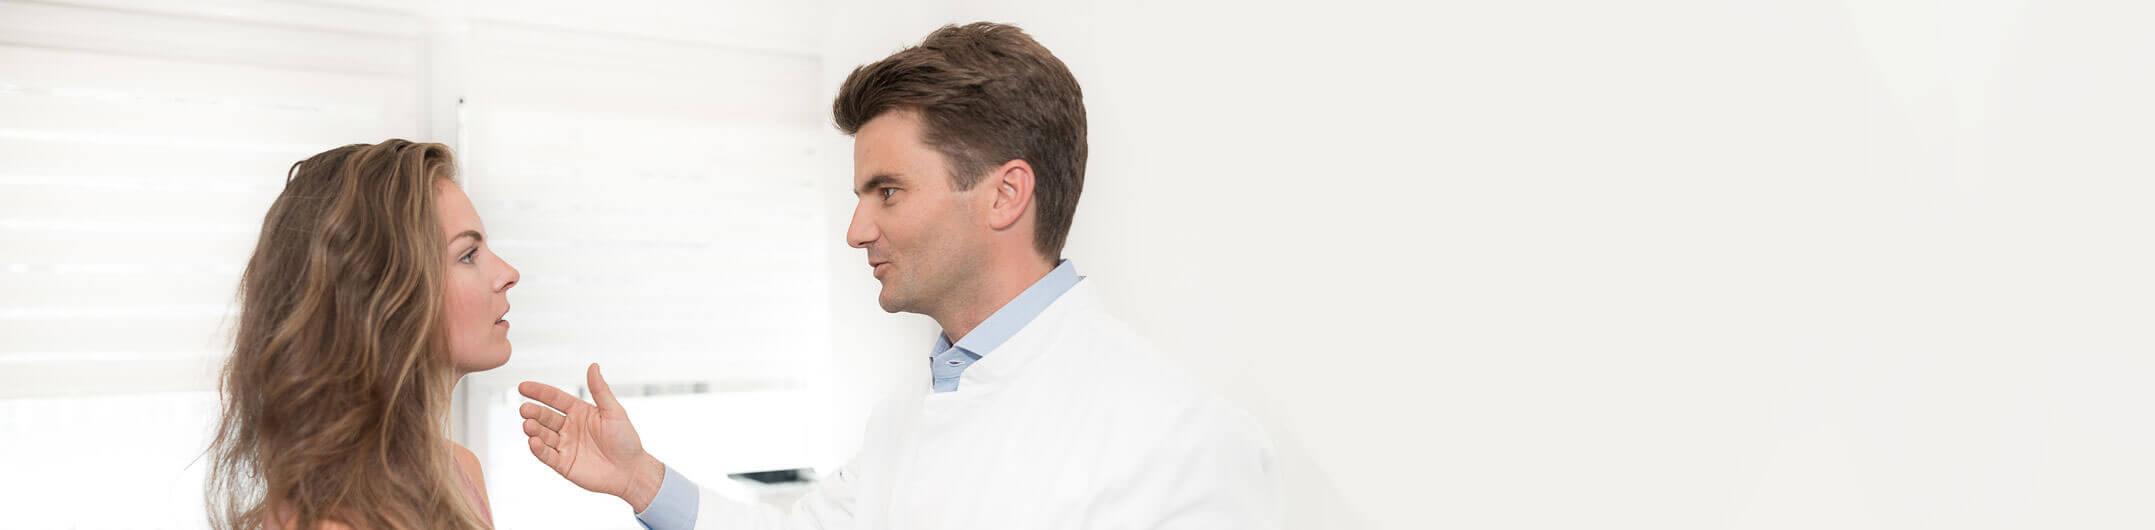 Ohrenkorrektur Frankfurt